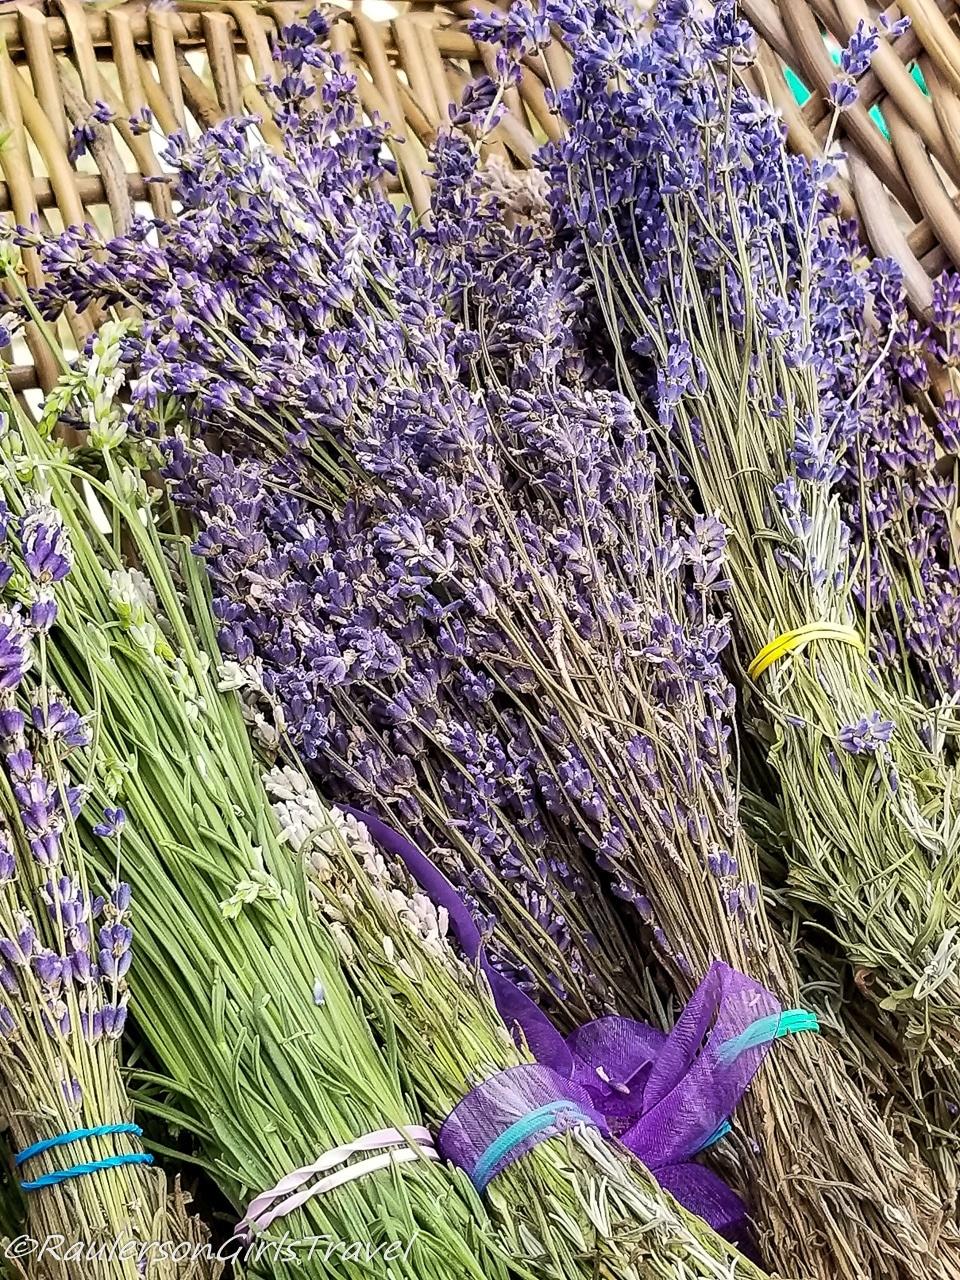 Rubber-band bundles of lavender in a basket